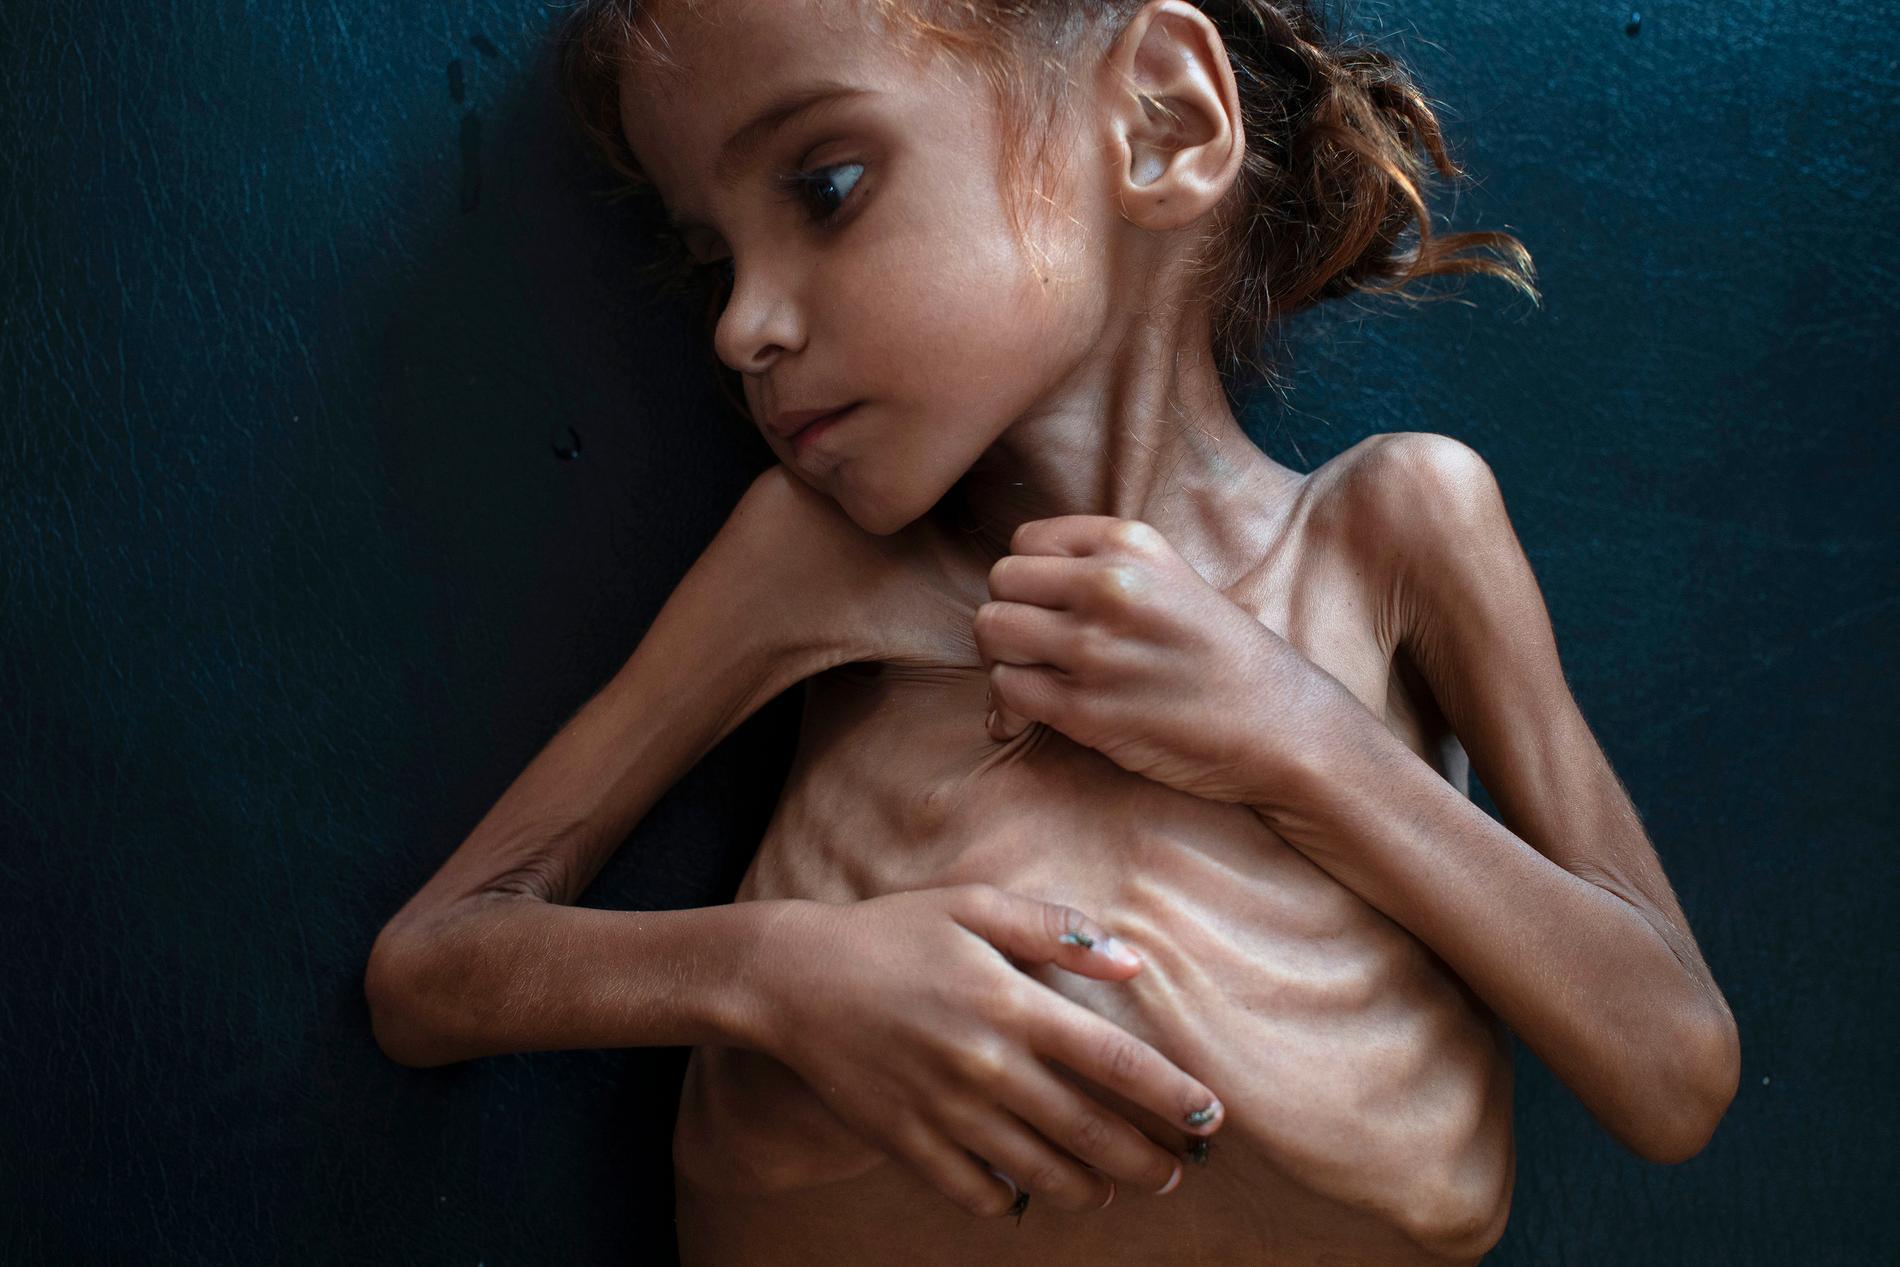 Amal Hussein, 7, dog av undernäring. Hon blev en symbol för svältkatastrofen i Jemen.